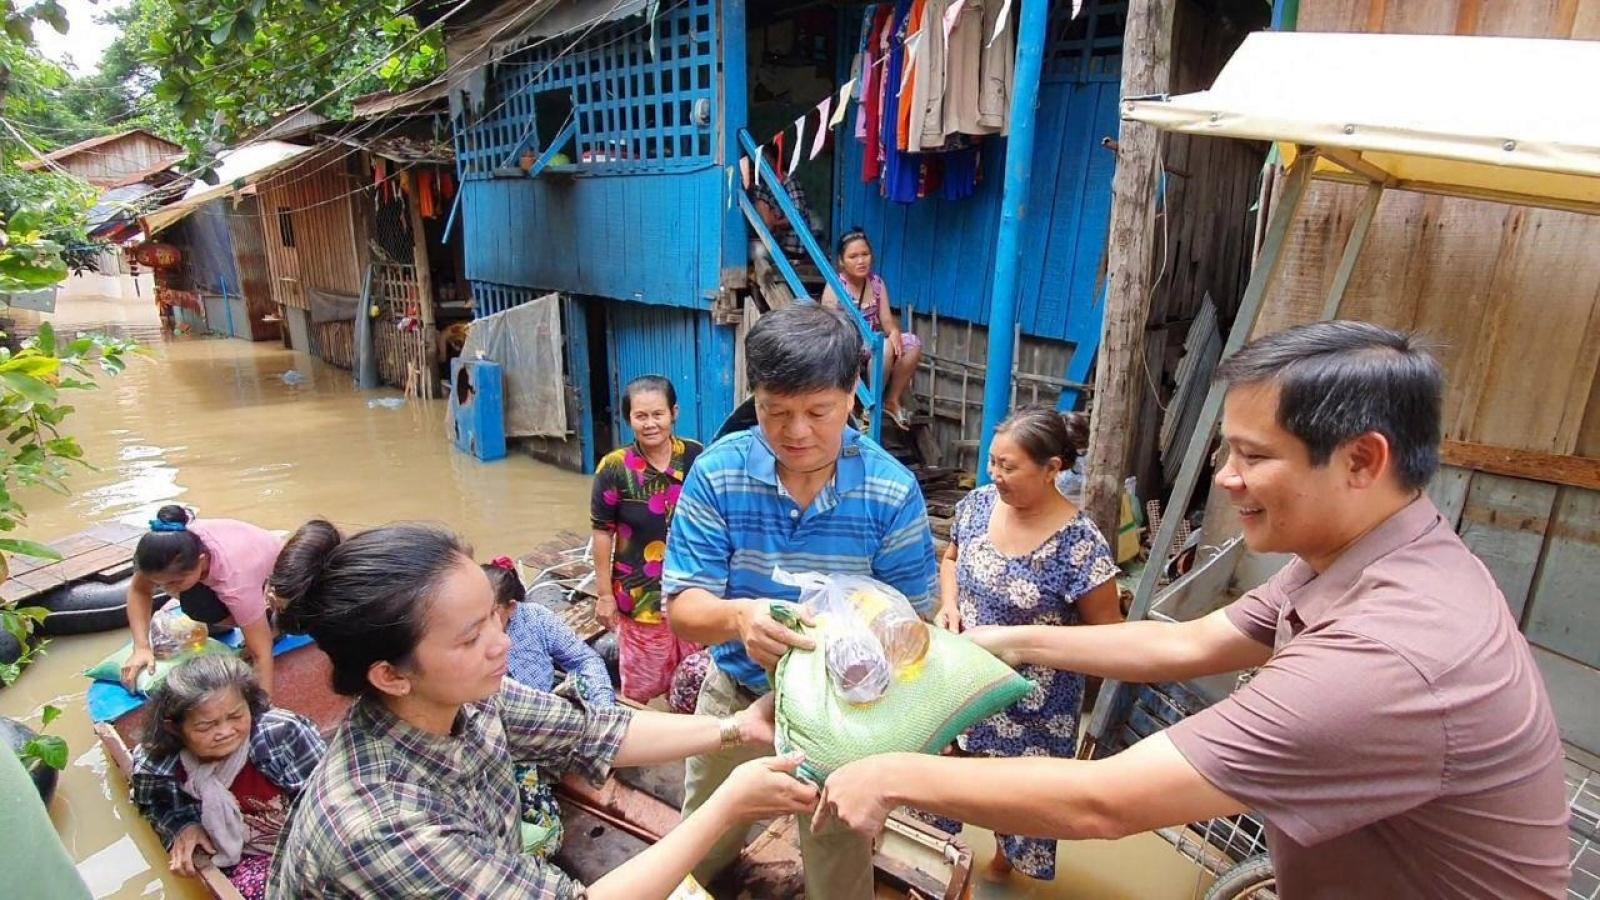 Tổng Lãnh sự quán Việt Nam hỗ trợ khẩn cấp bà con bị lũ lụt tại tại Campuchia